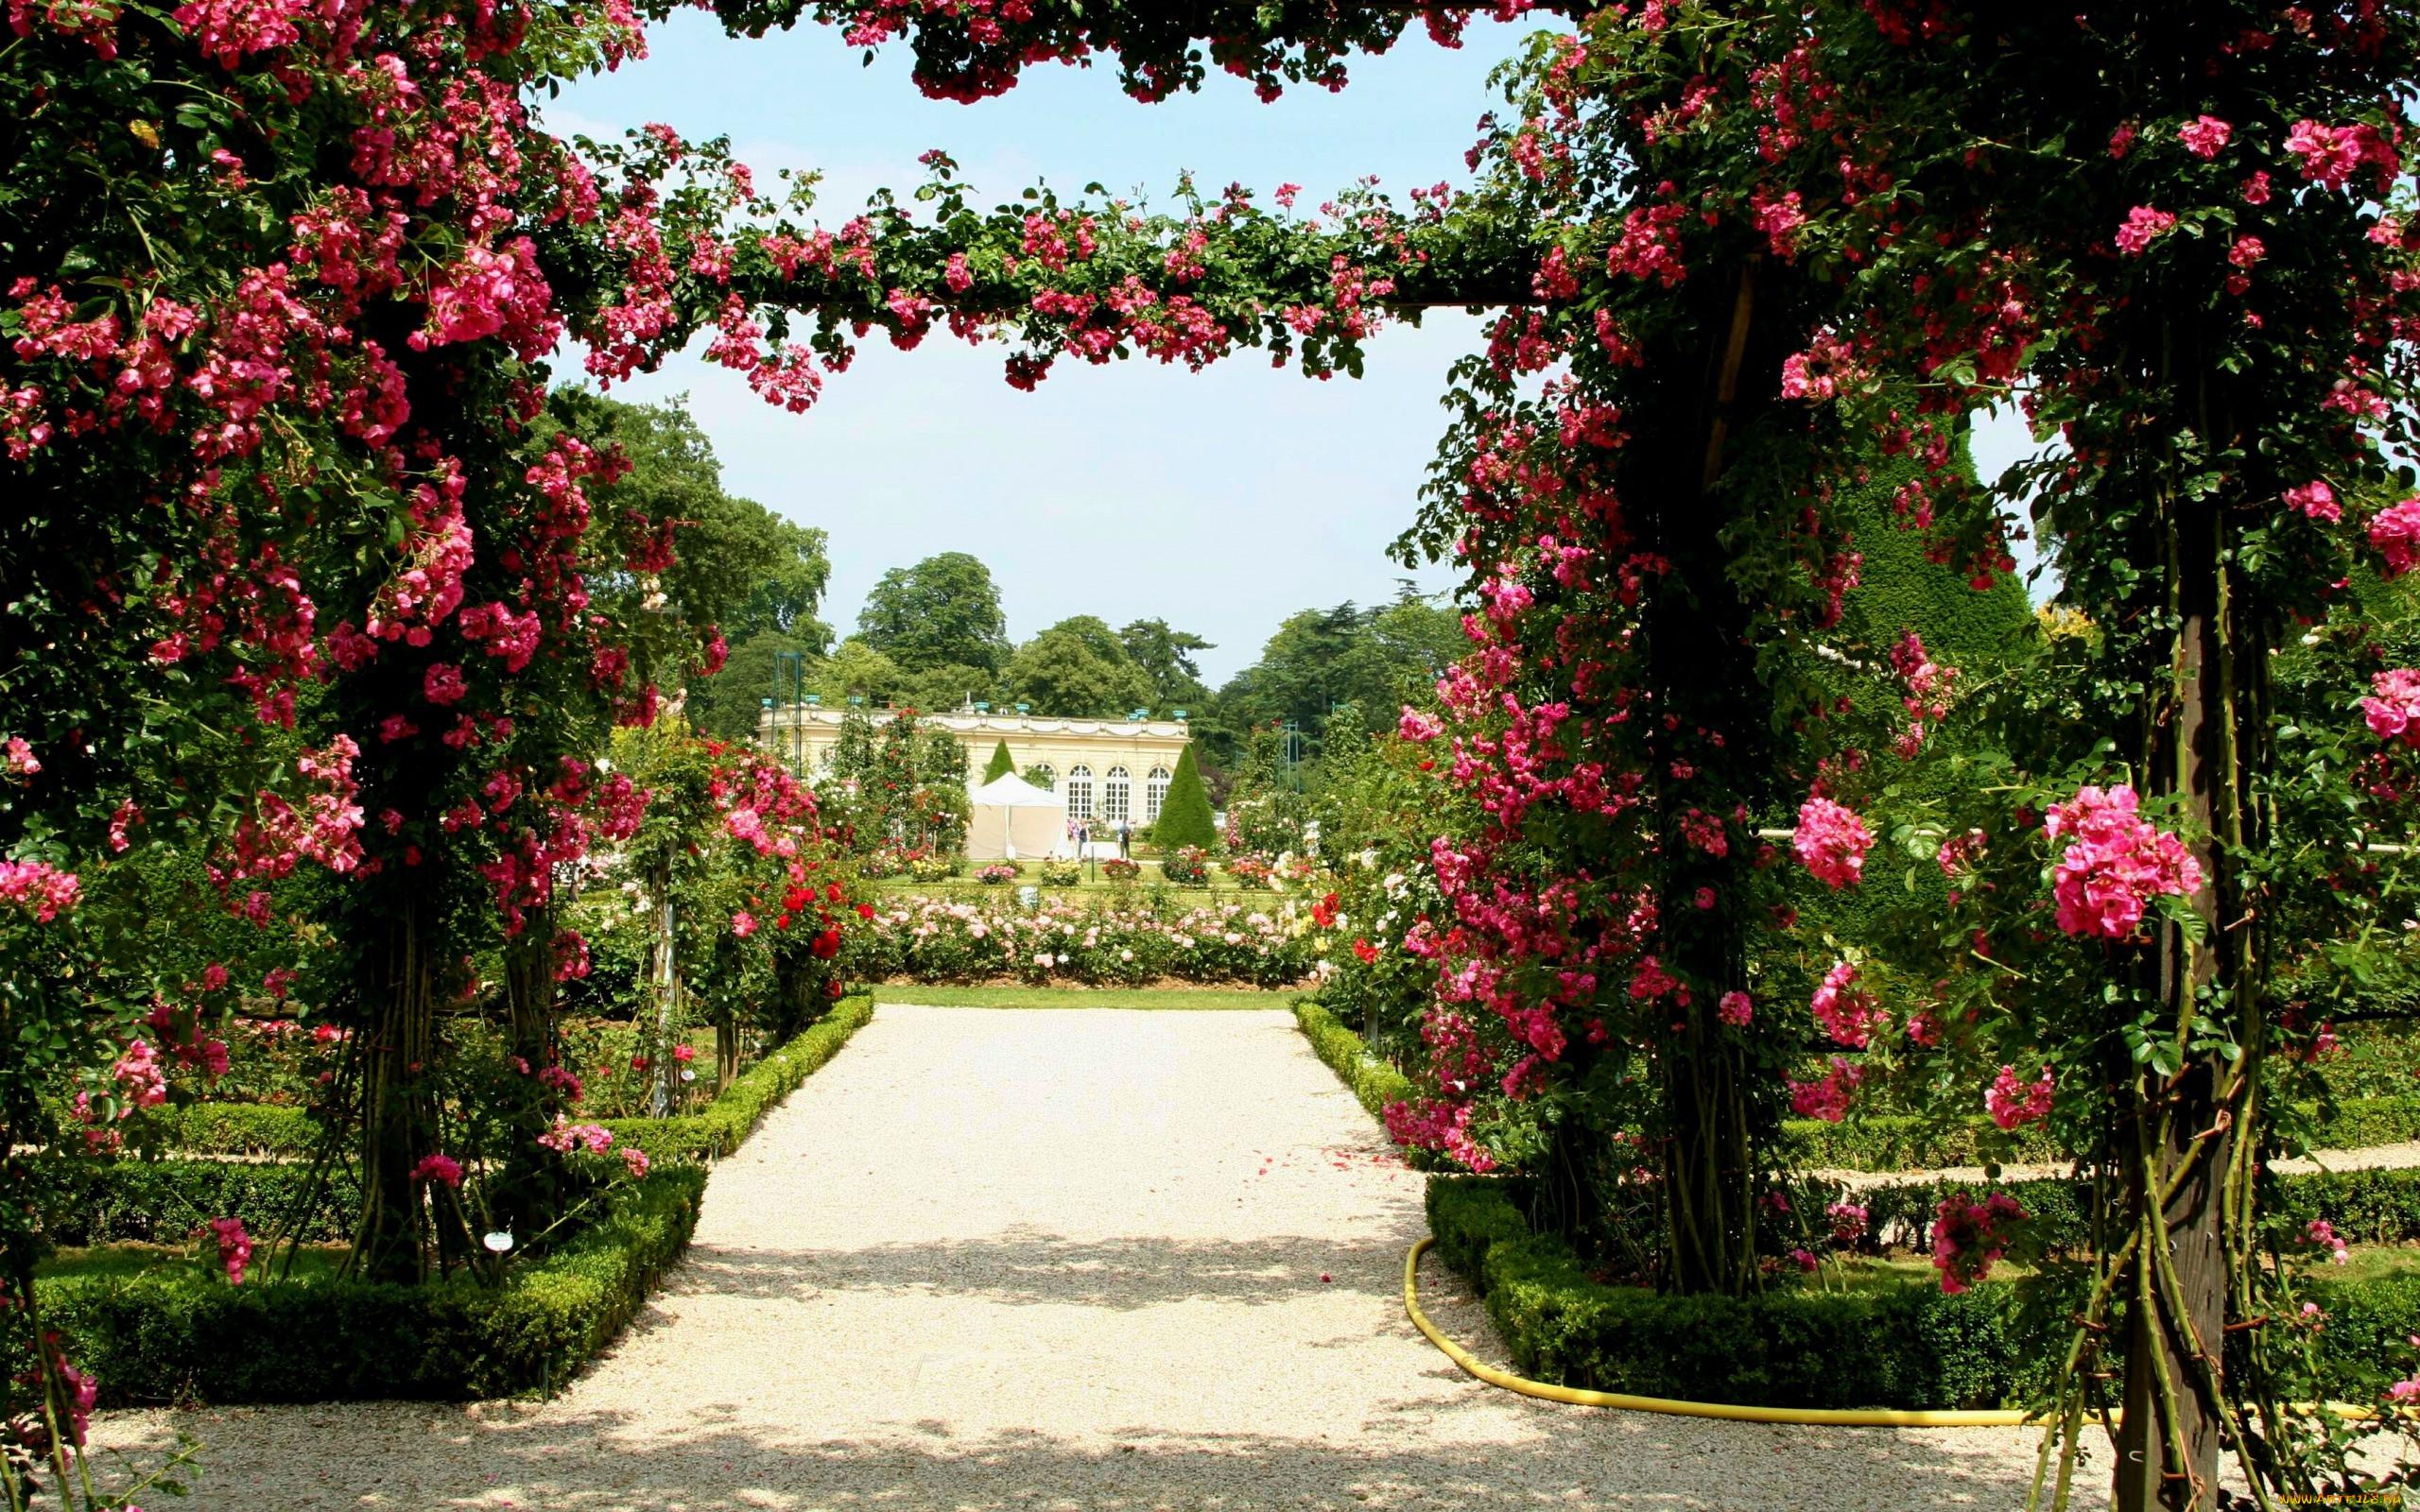 уверяют, что сад роз христа картинки способствовало то, что